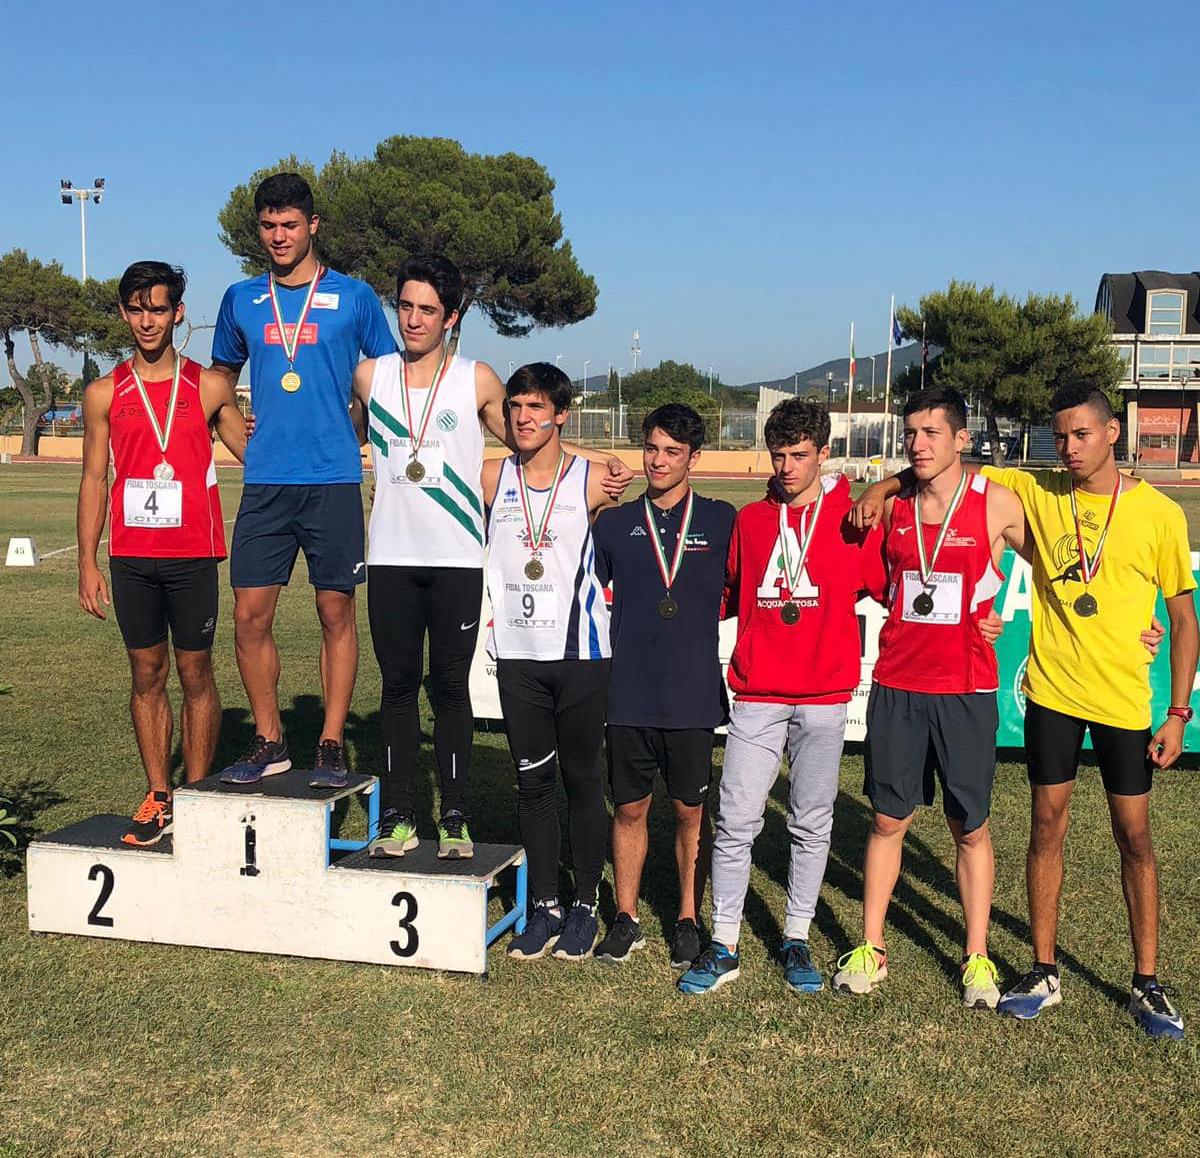 Campionati italiani CDS allievi: ottimi risultati per gli atleti di Montesarchio e Sant'Agata